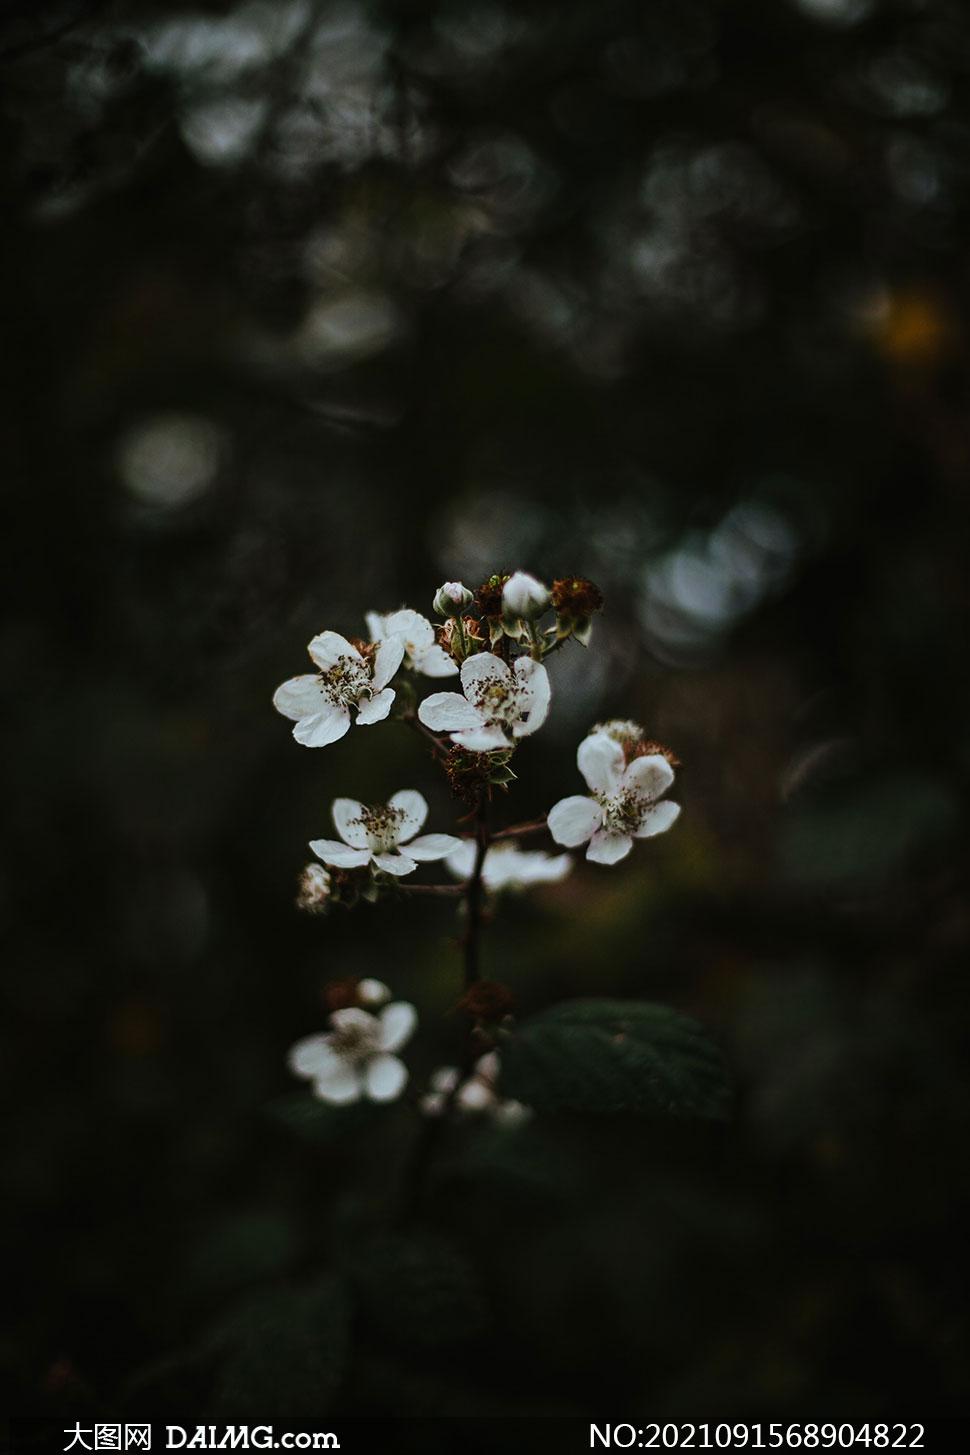 野外白花植物近景特写摄影高清图片